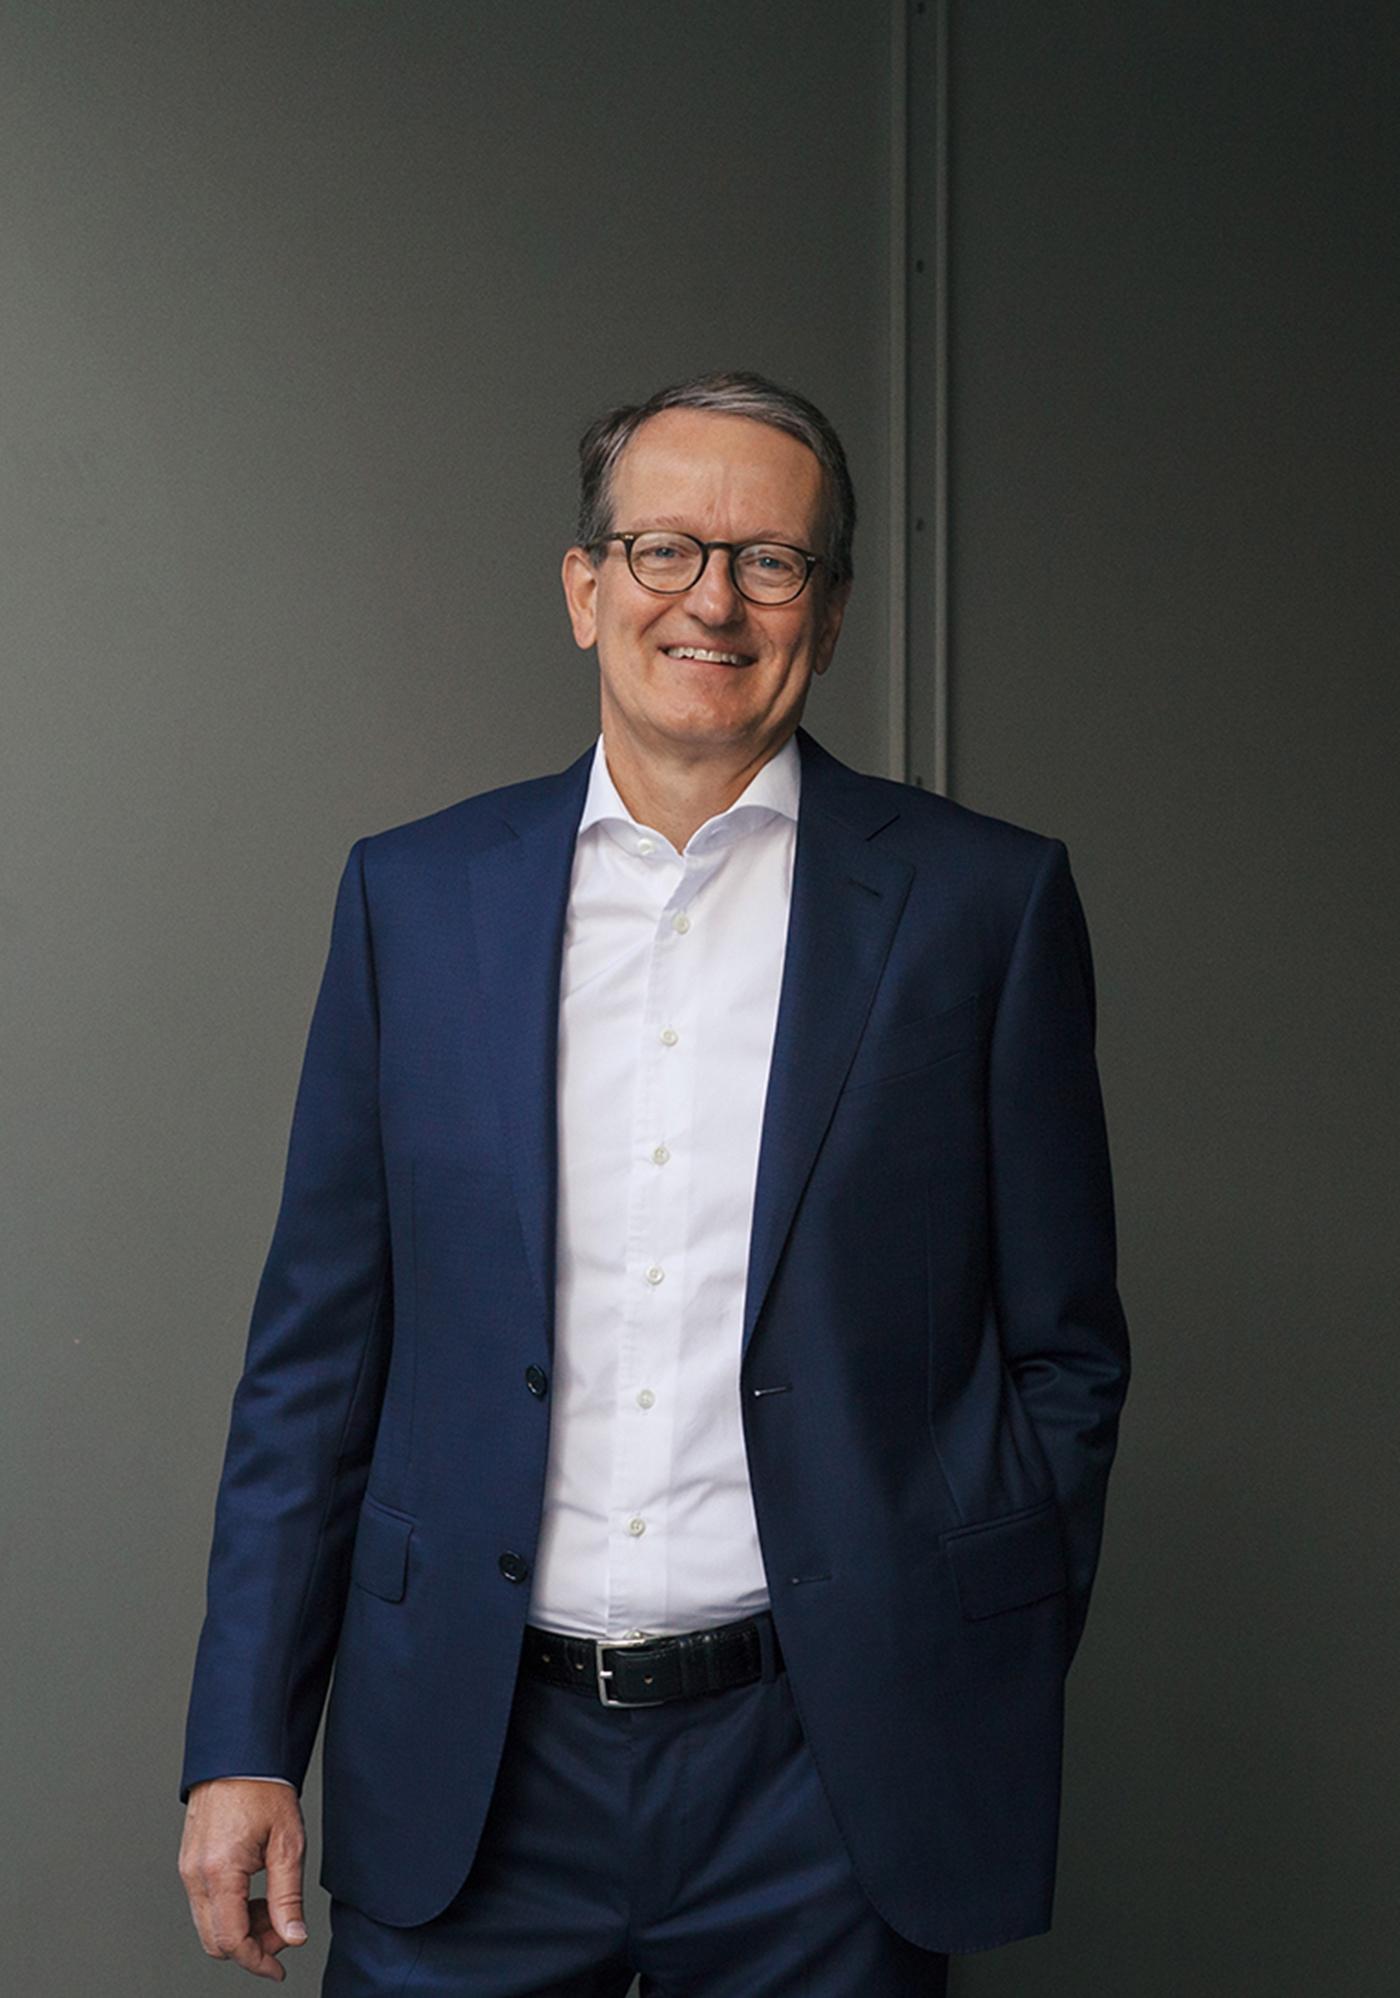 Hugo Trütsch